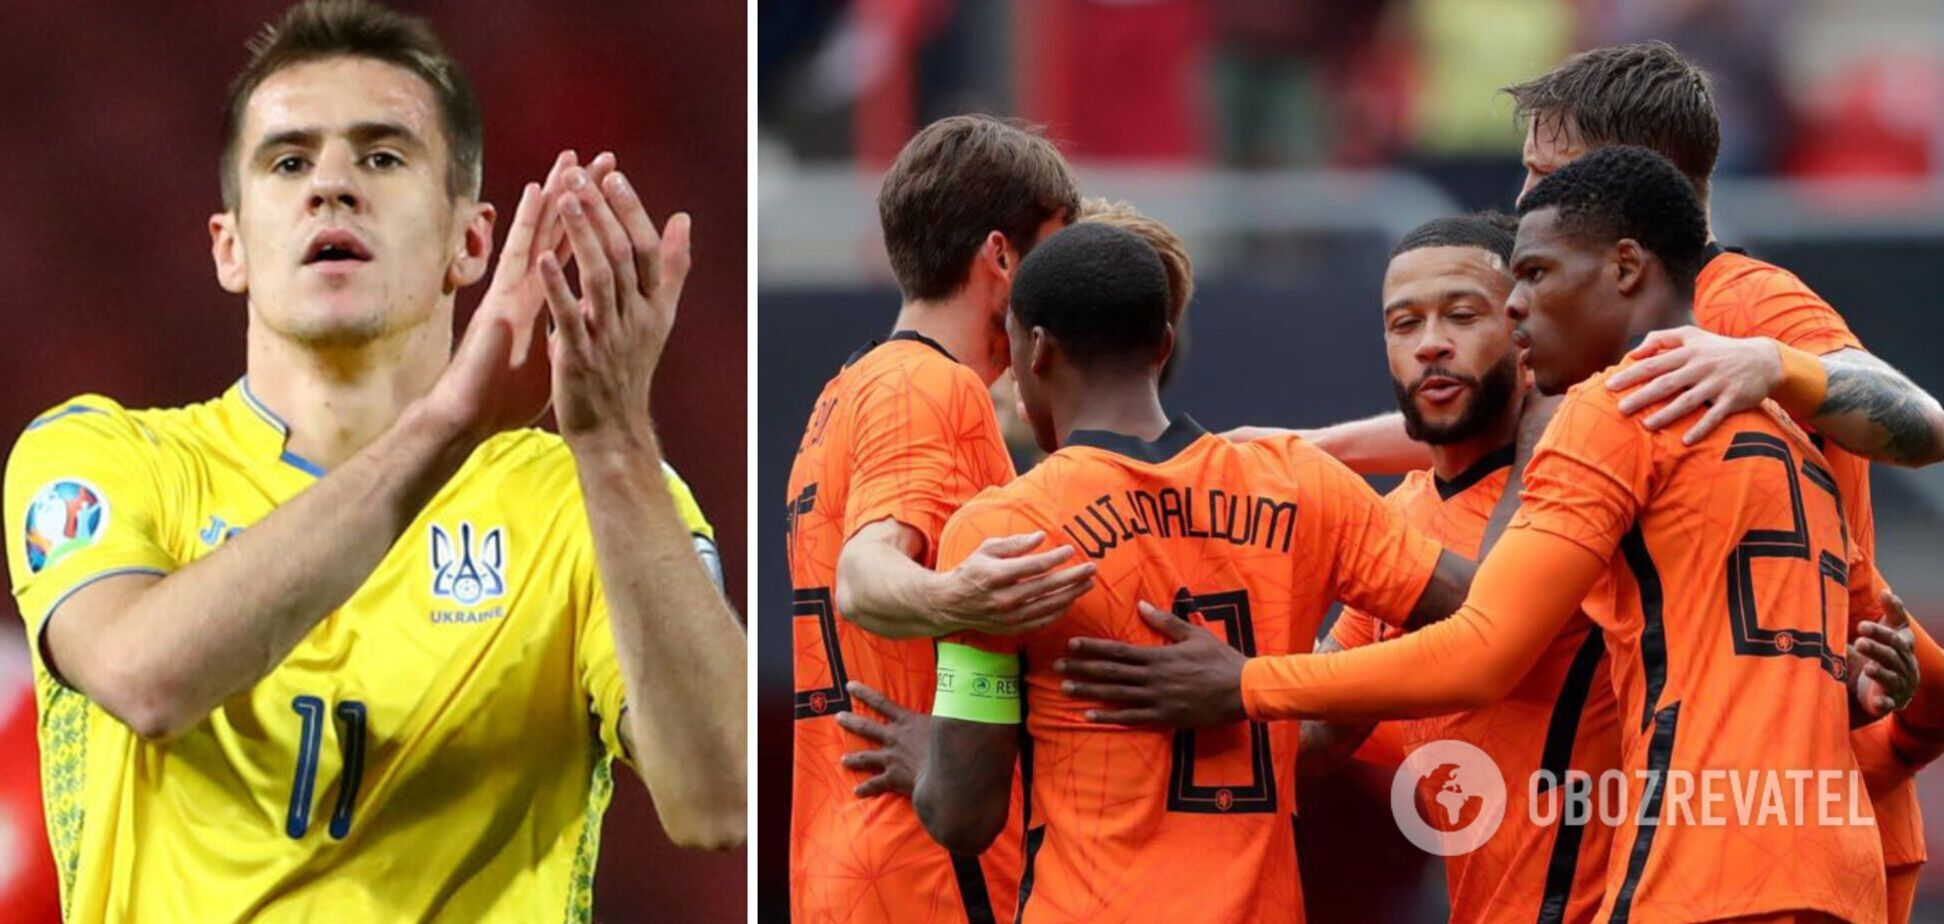 Украина против Нидерландов будет играть на победу, заявил Беседин